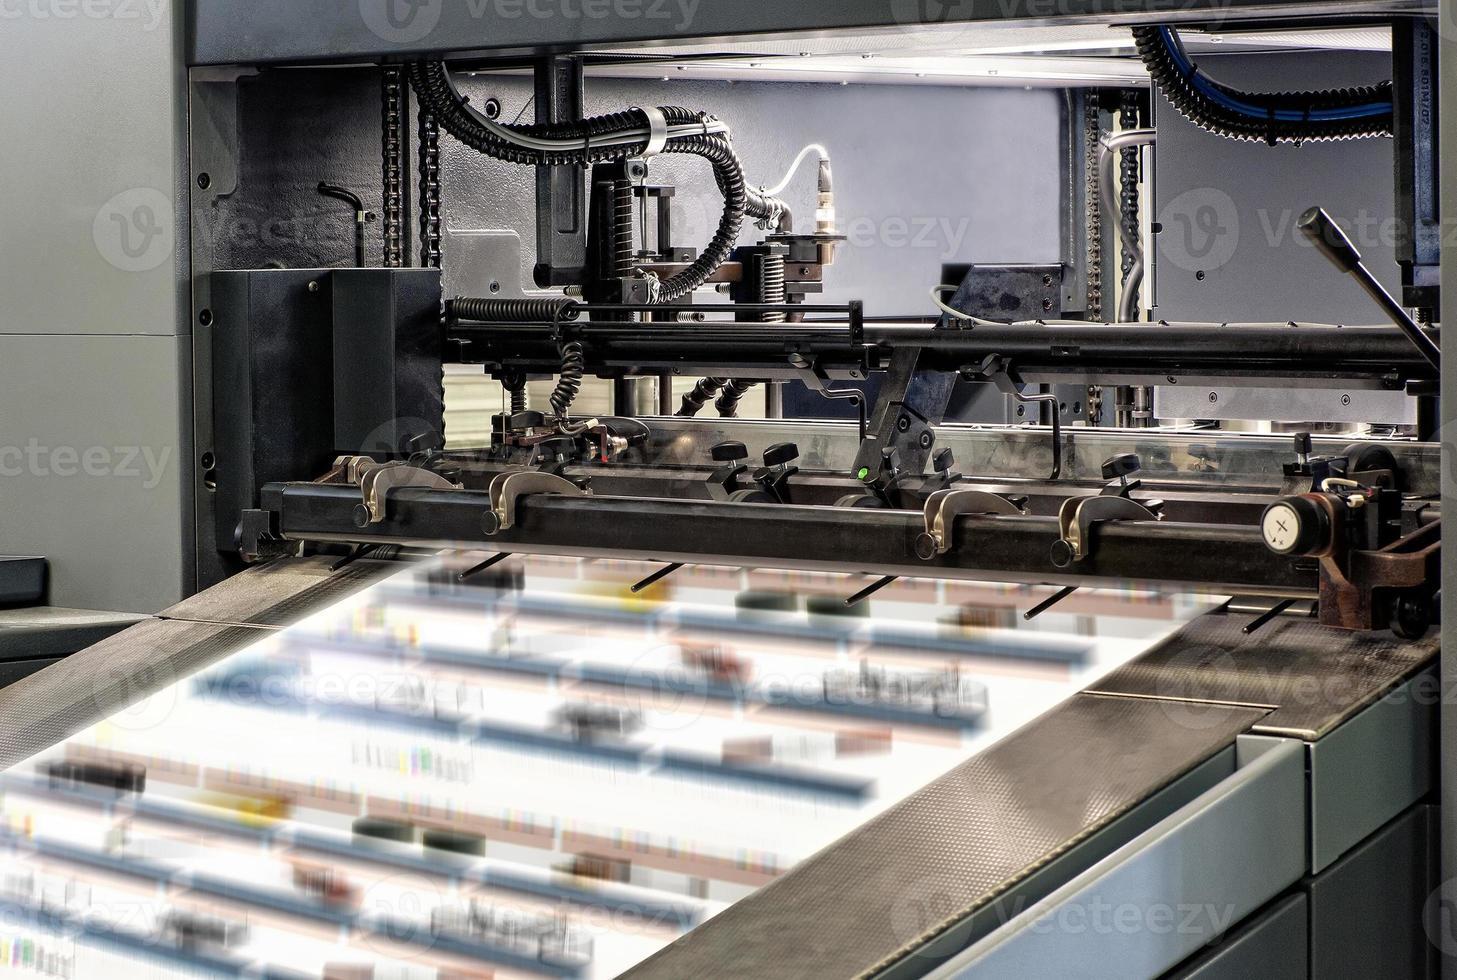 grandes máquinas de impresión dentro de la oficina foto